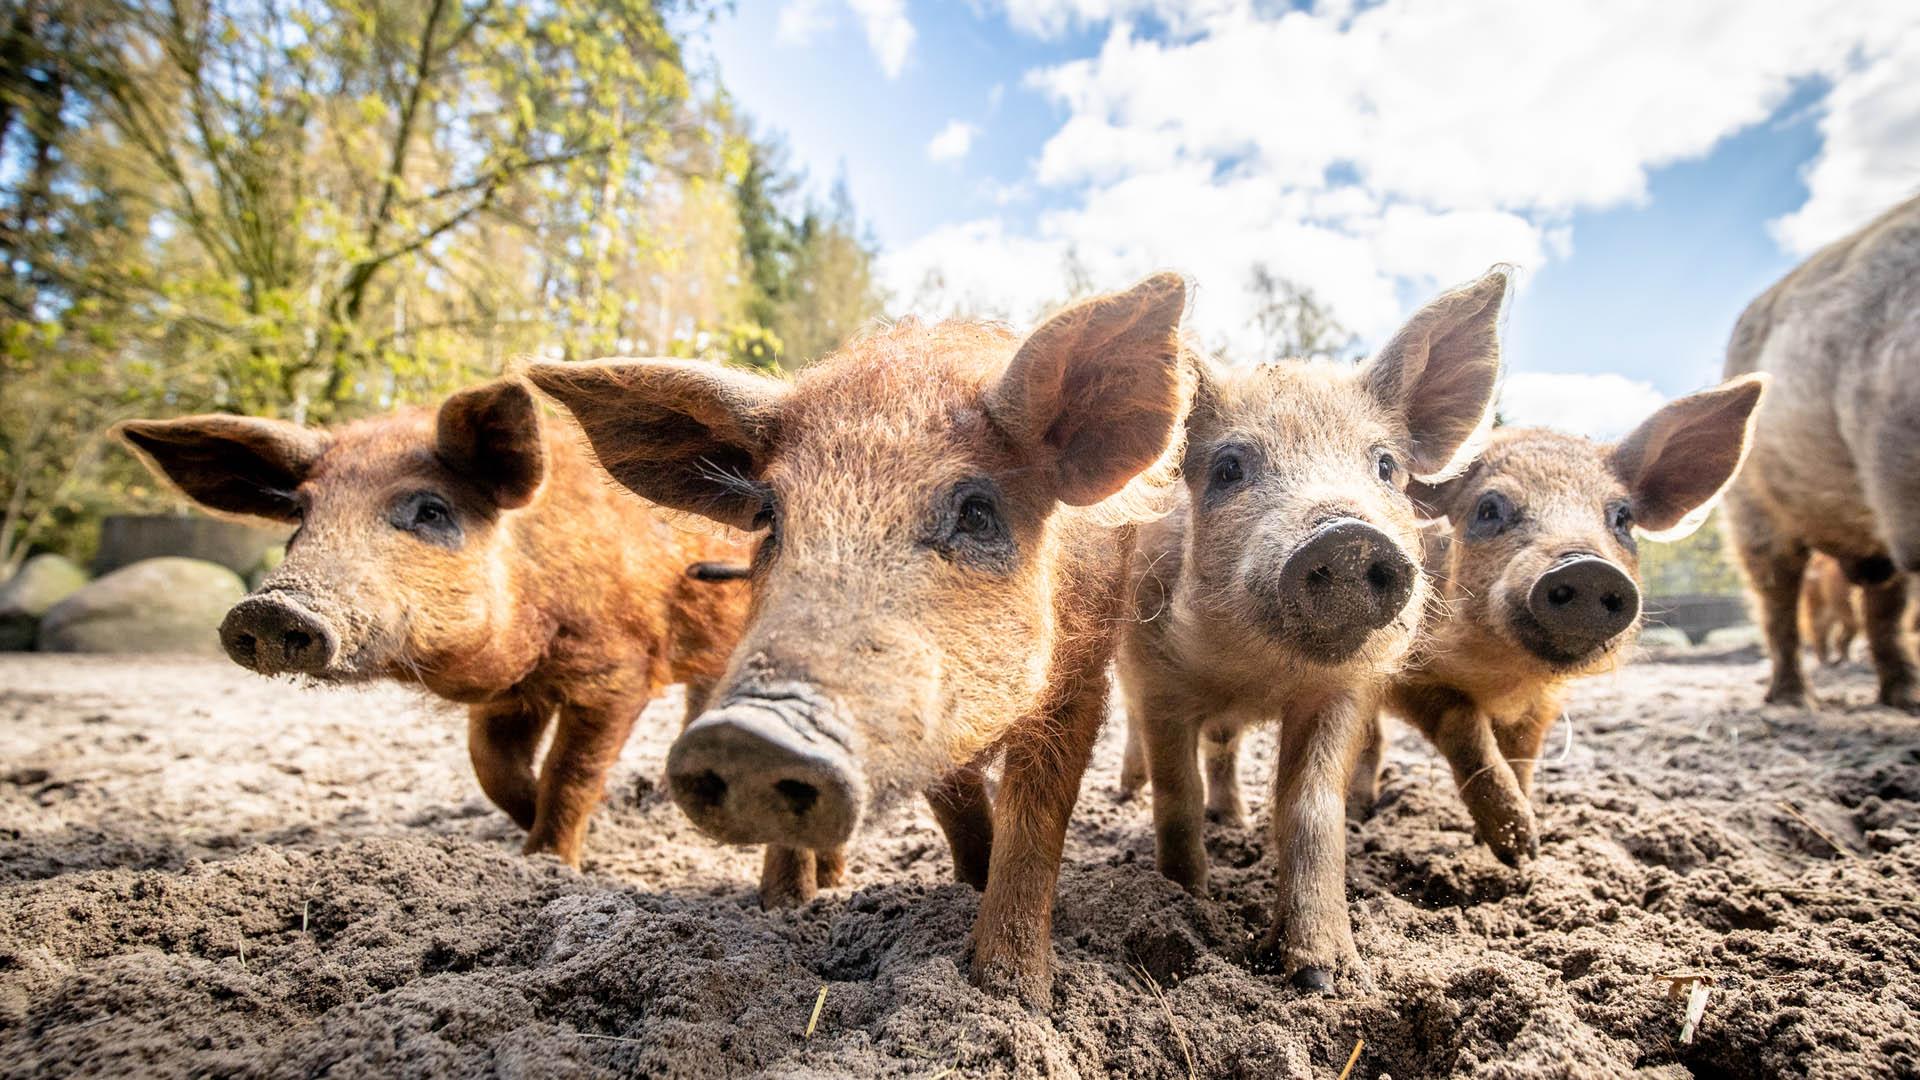 wildpark-luenburger-heide-wildschweine.jpg